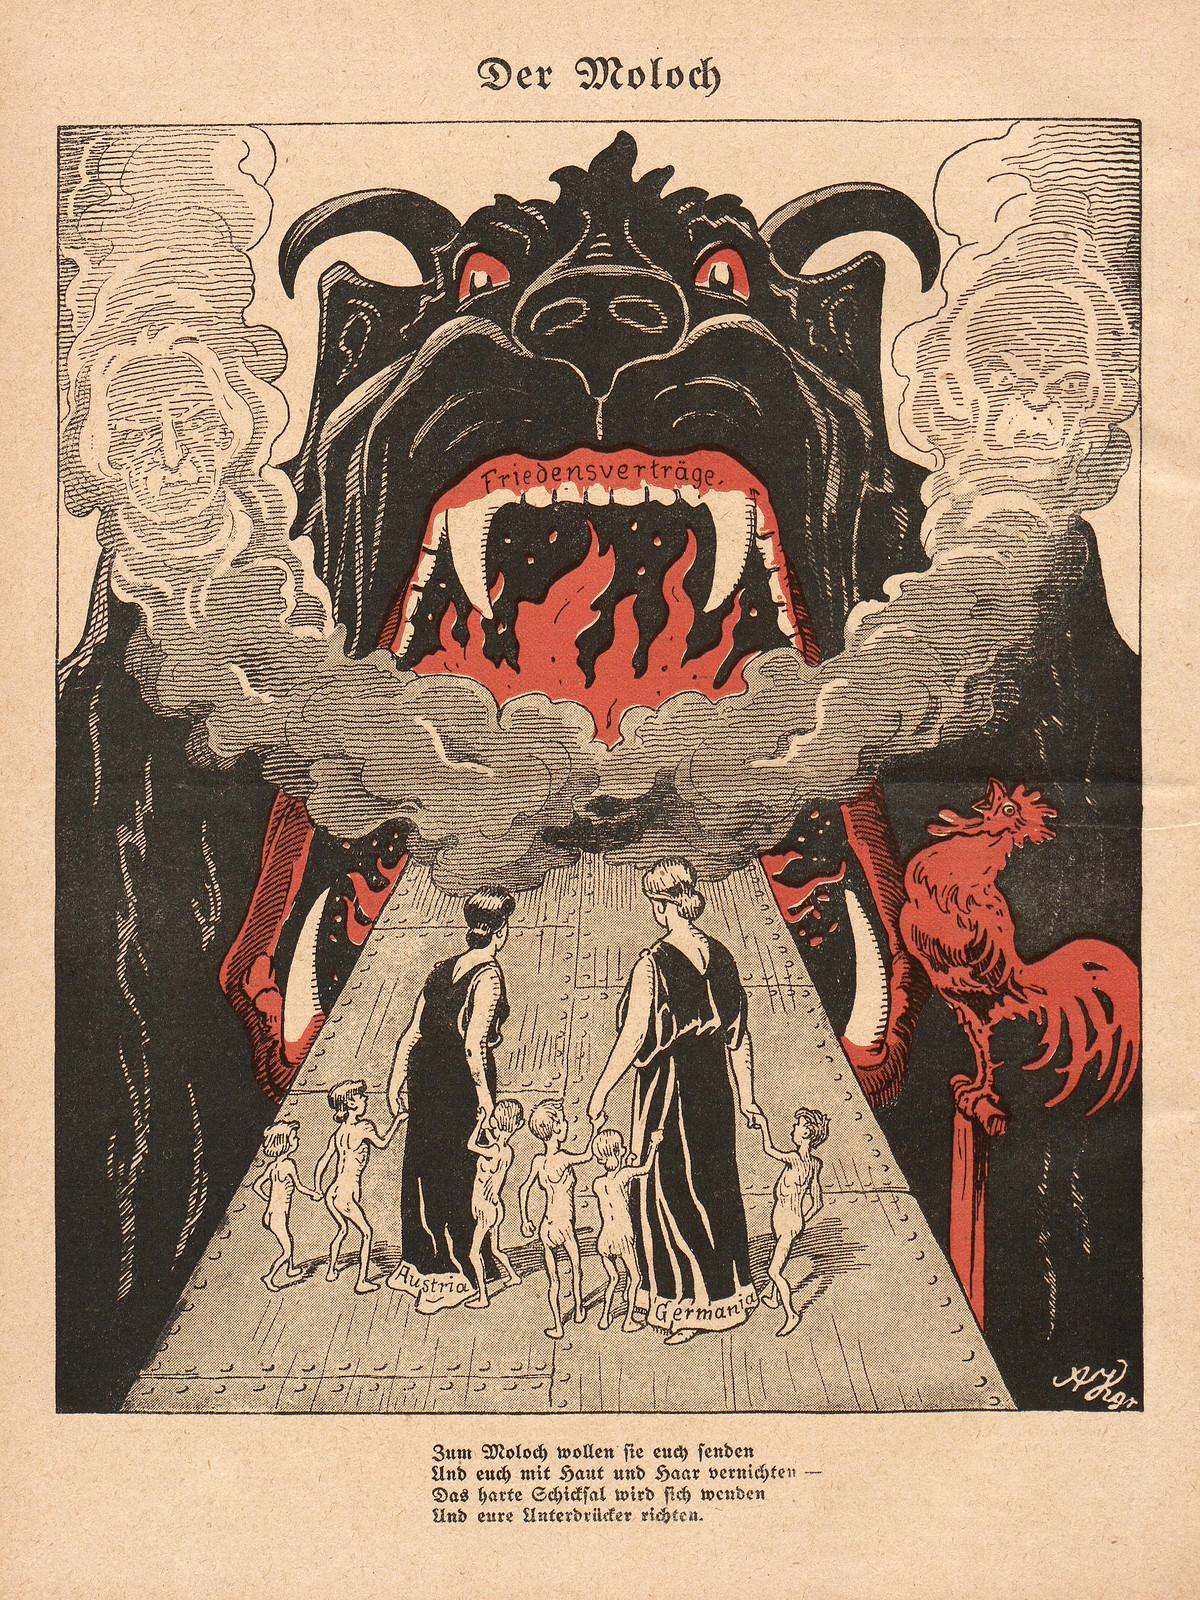 Arthur Krüger - The Moloch, 1920